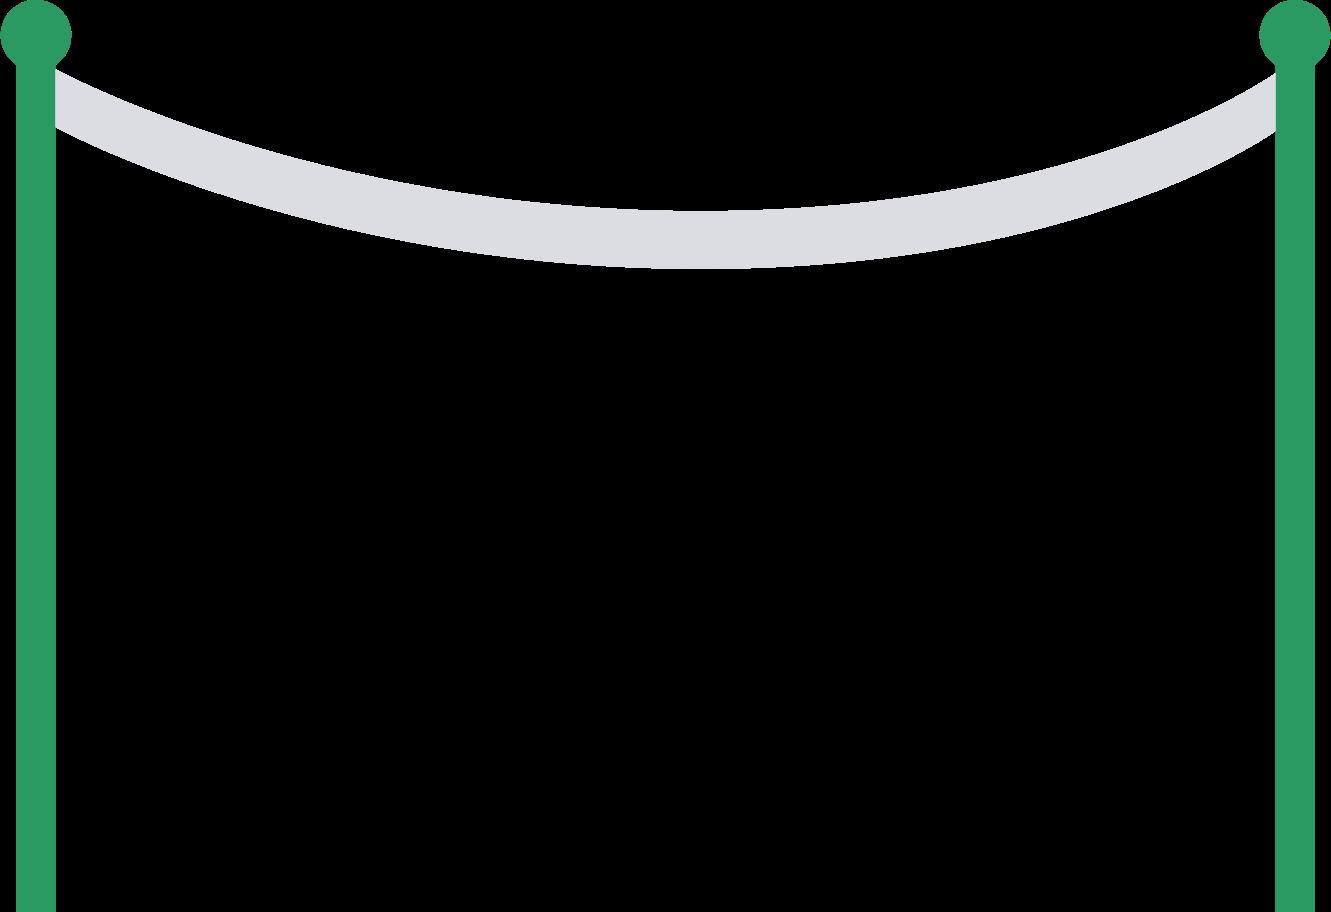 stripe Clipart illustration in PNG, SVG